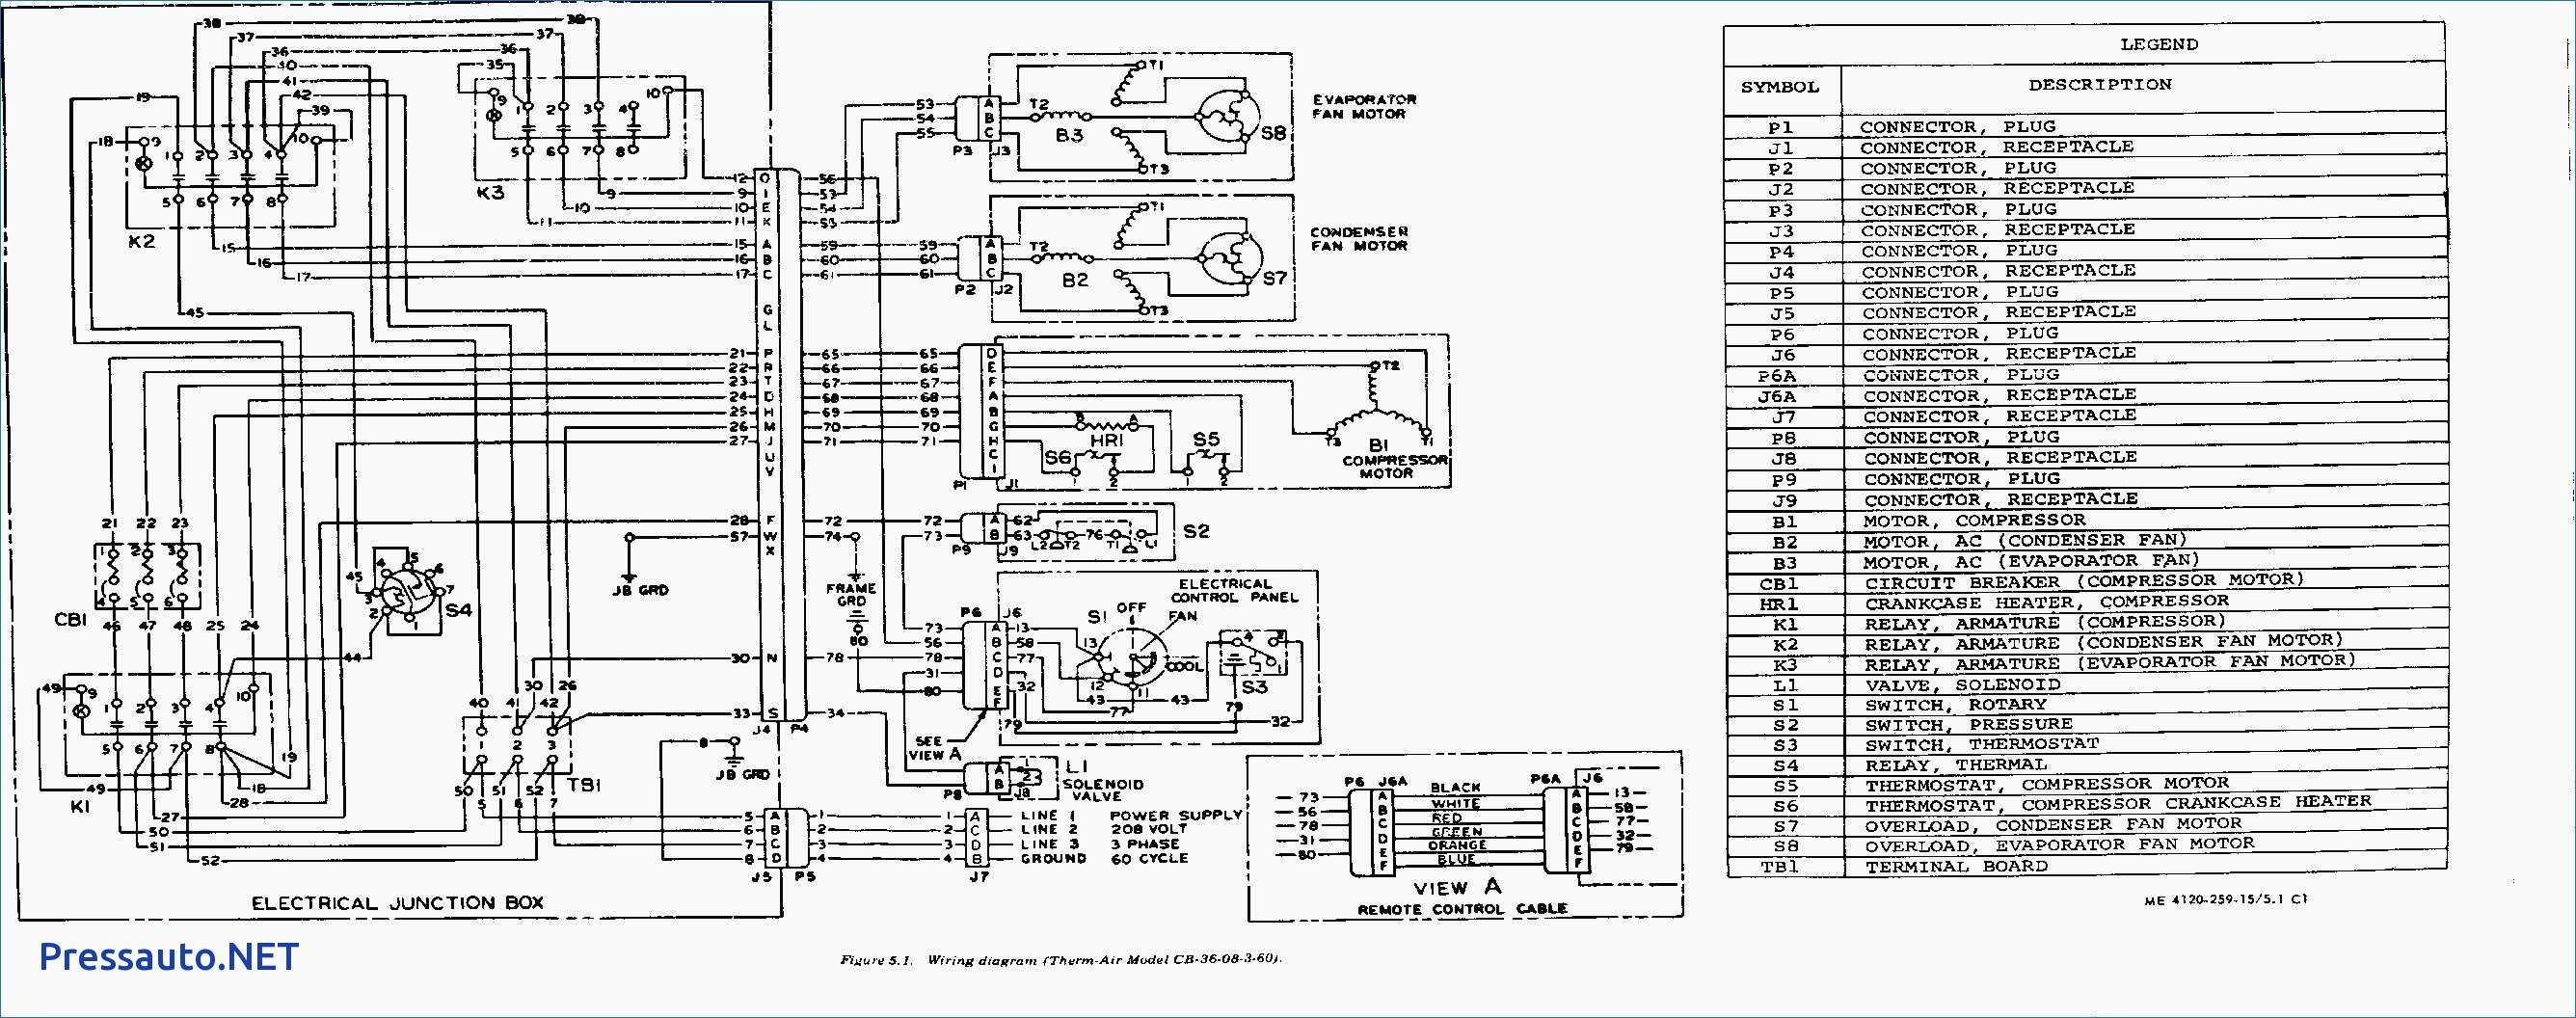 Trane Voyager 7 5 Wiring Diagram Get Free Image About Wiring Diagram - Trane Voyager Wiring Diagram